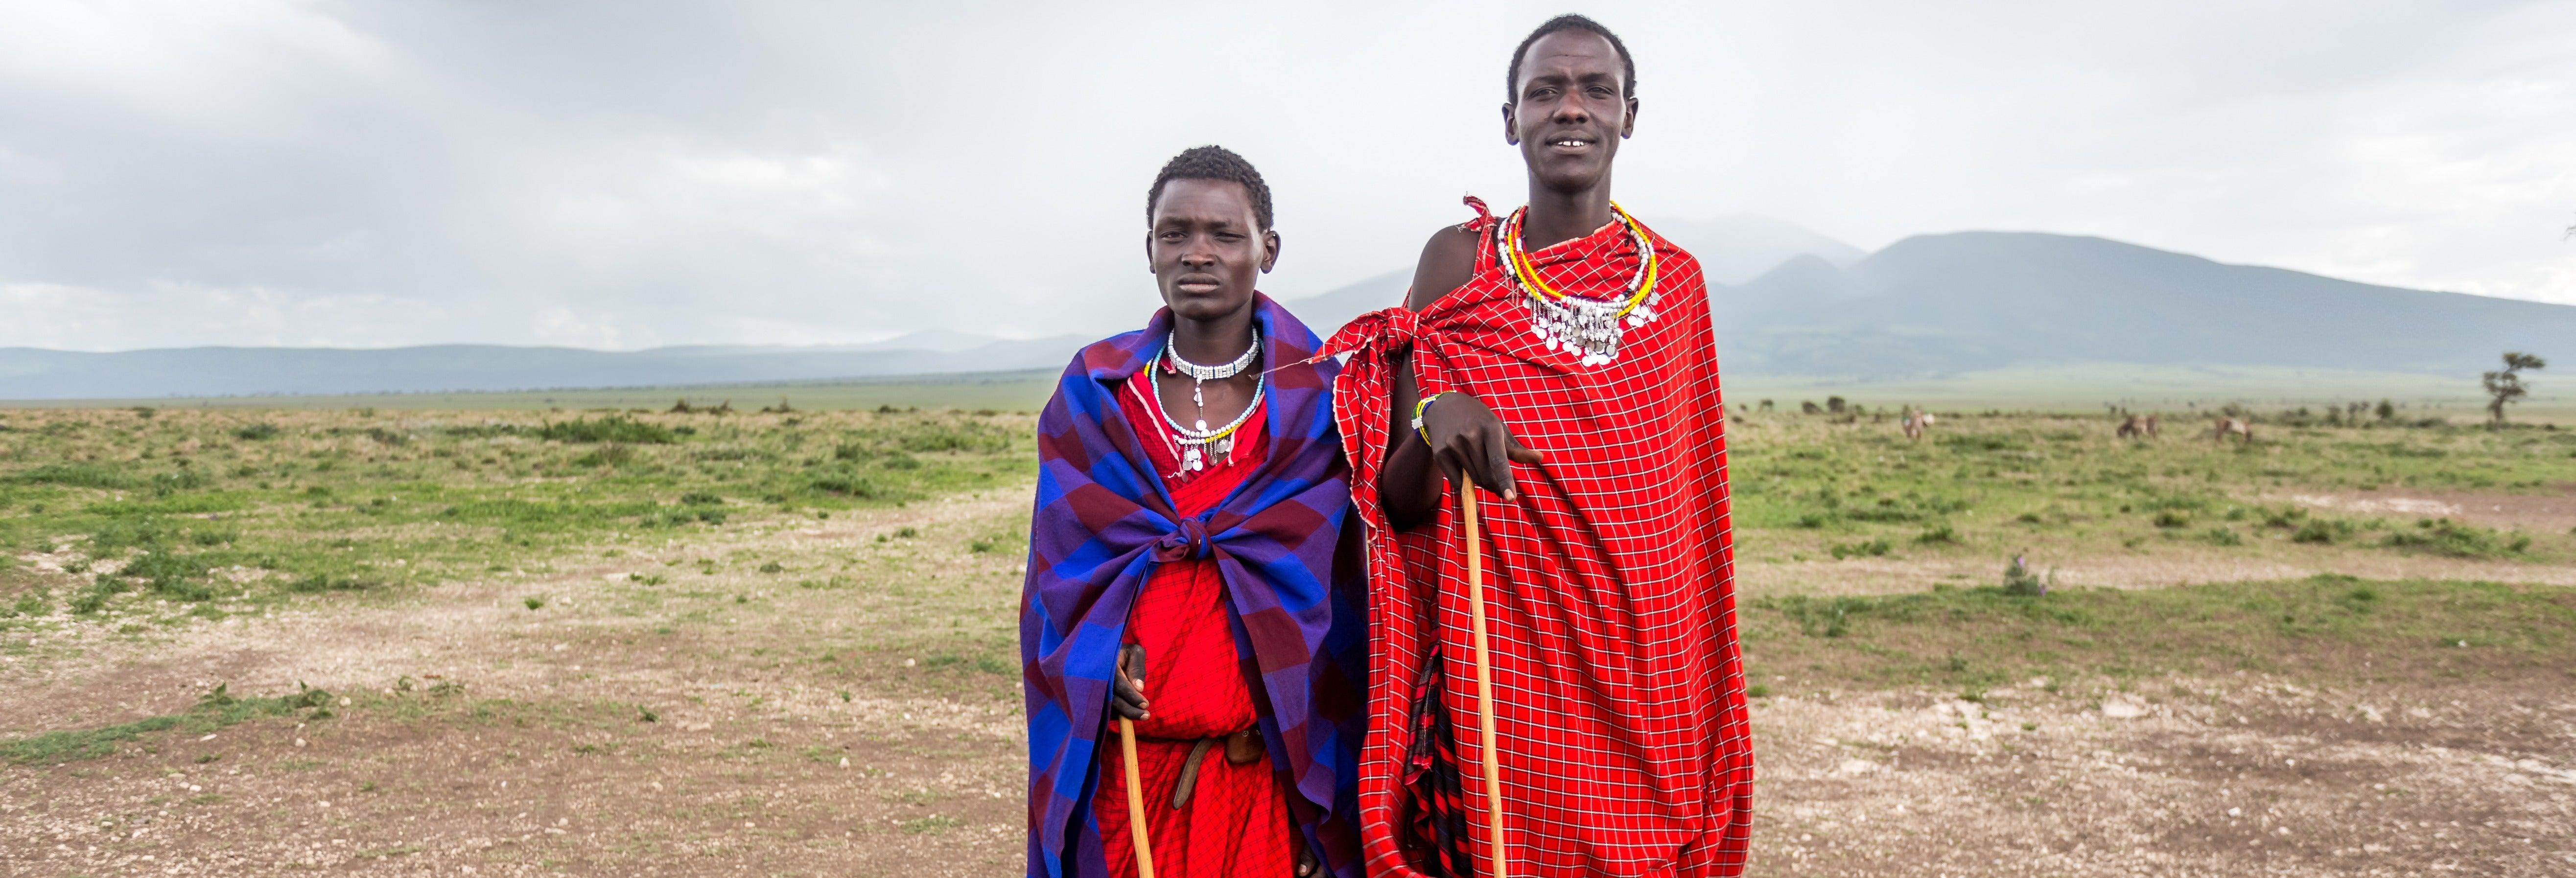 Escursione al villaggio masai di Olpopongi